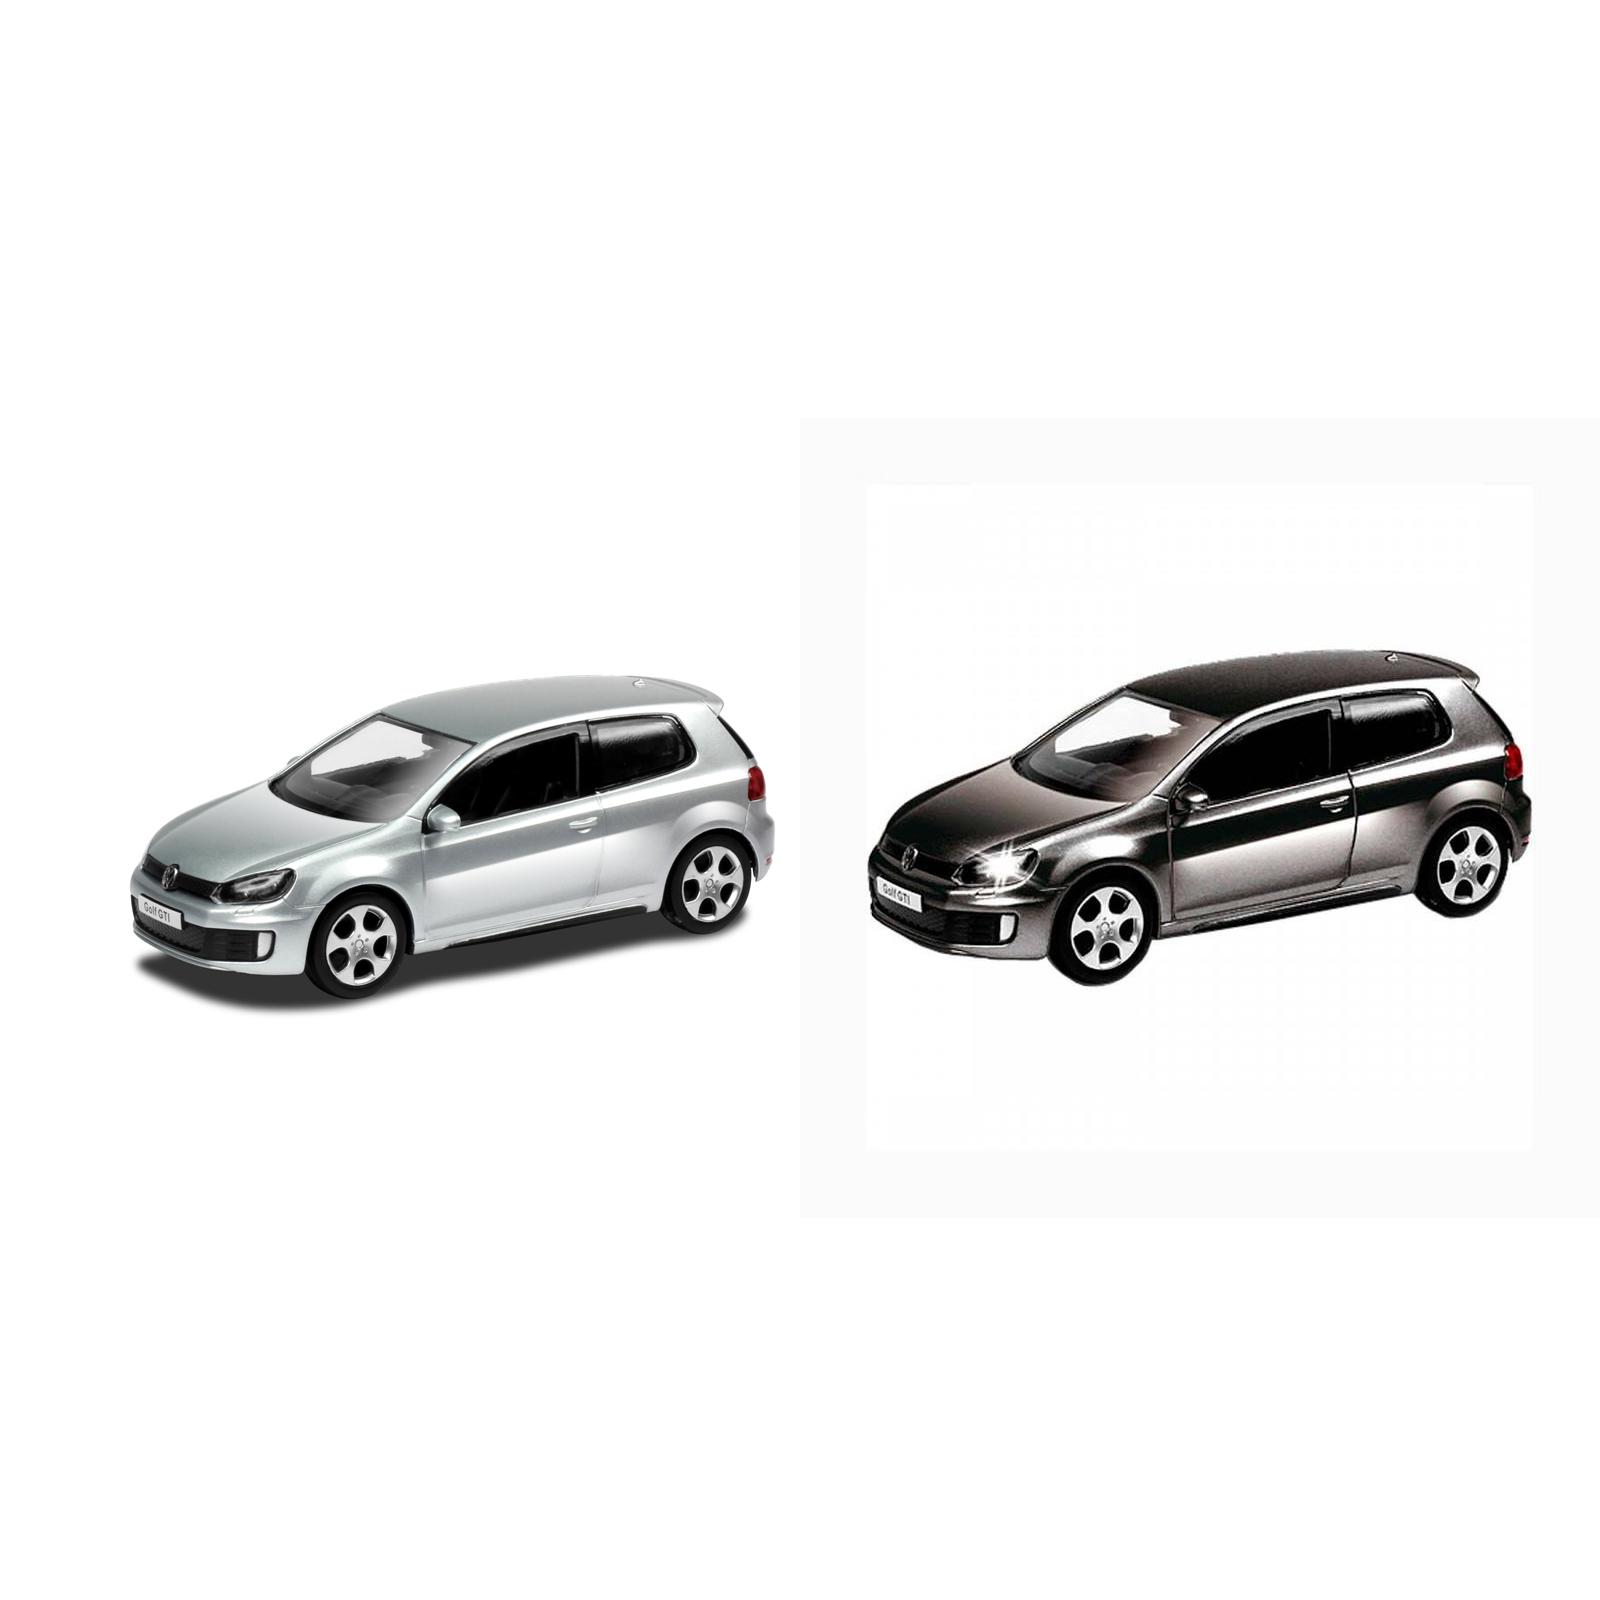 Металлическая машина RMZ City - VW Golf GTI, 1:43Volkswagen<br>Металлическая машина RMZ City - VW Golf GTI, 1:43<br>